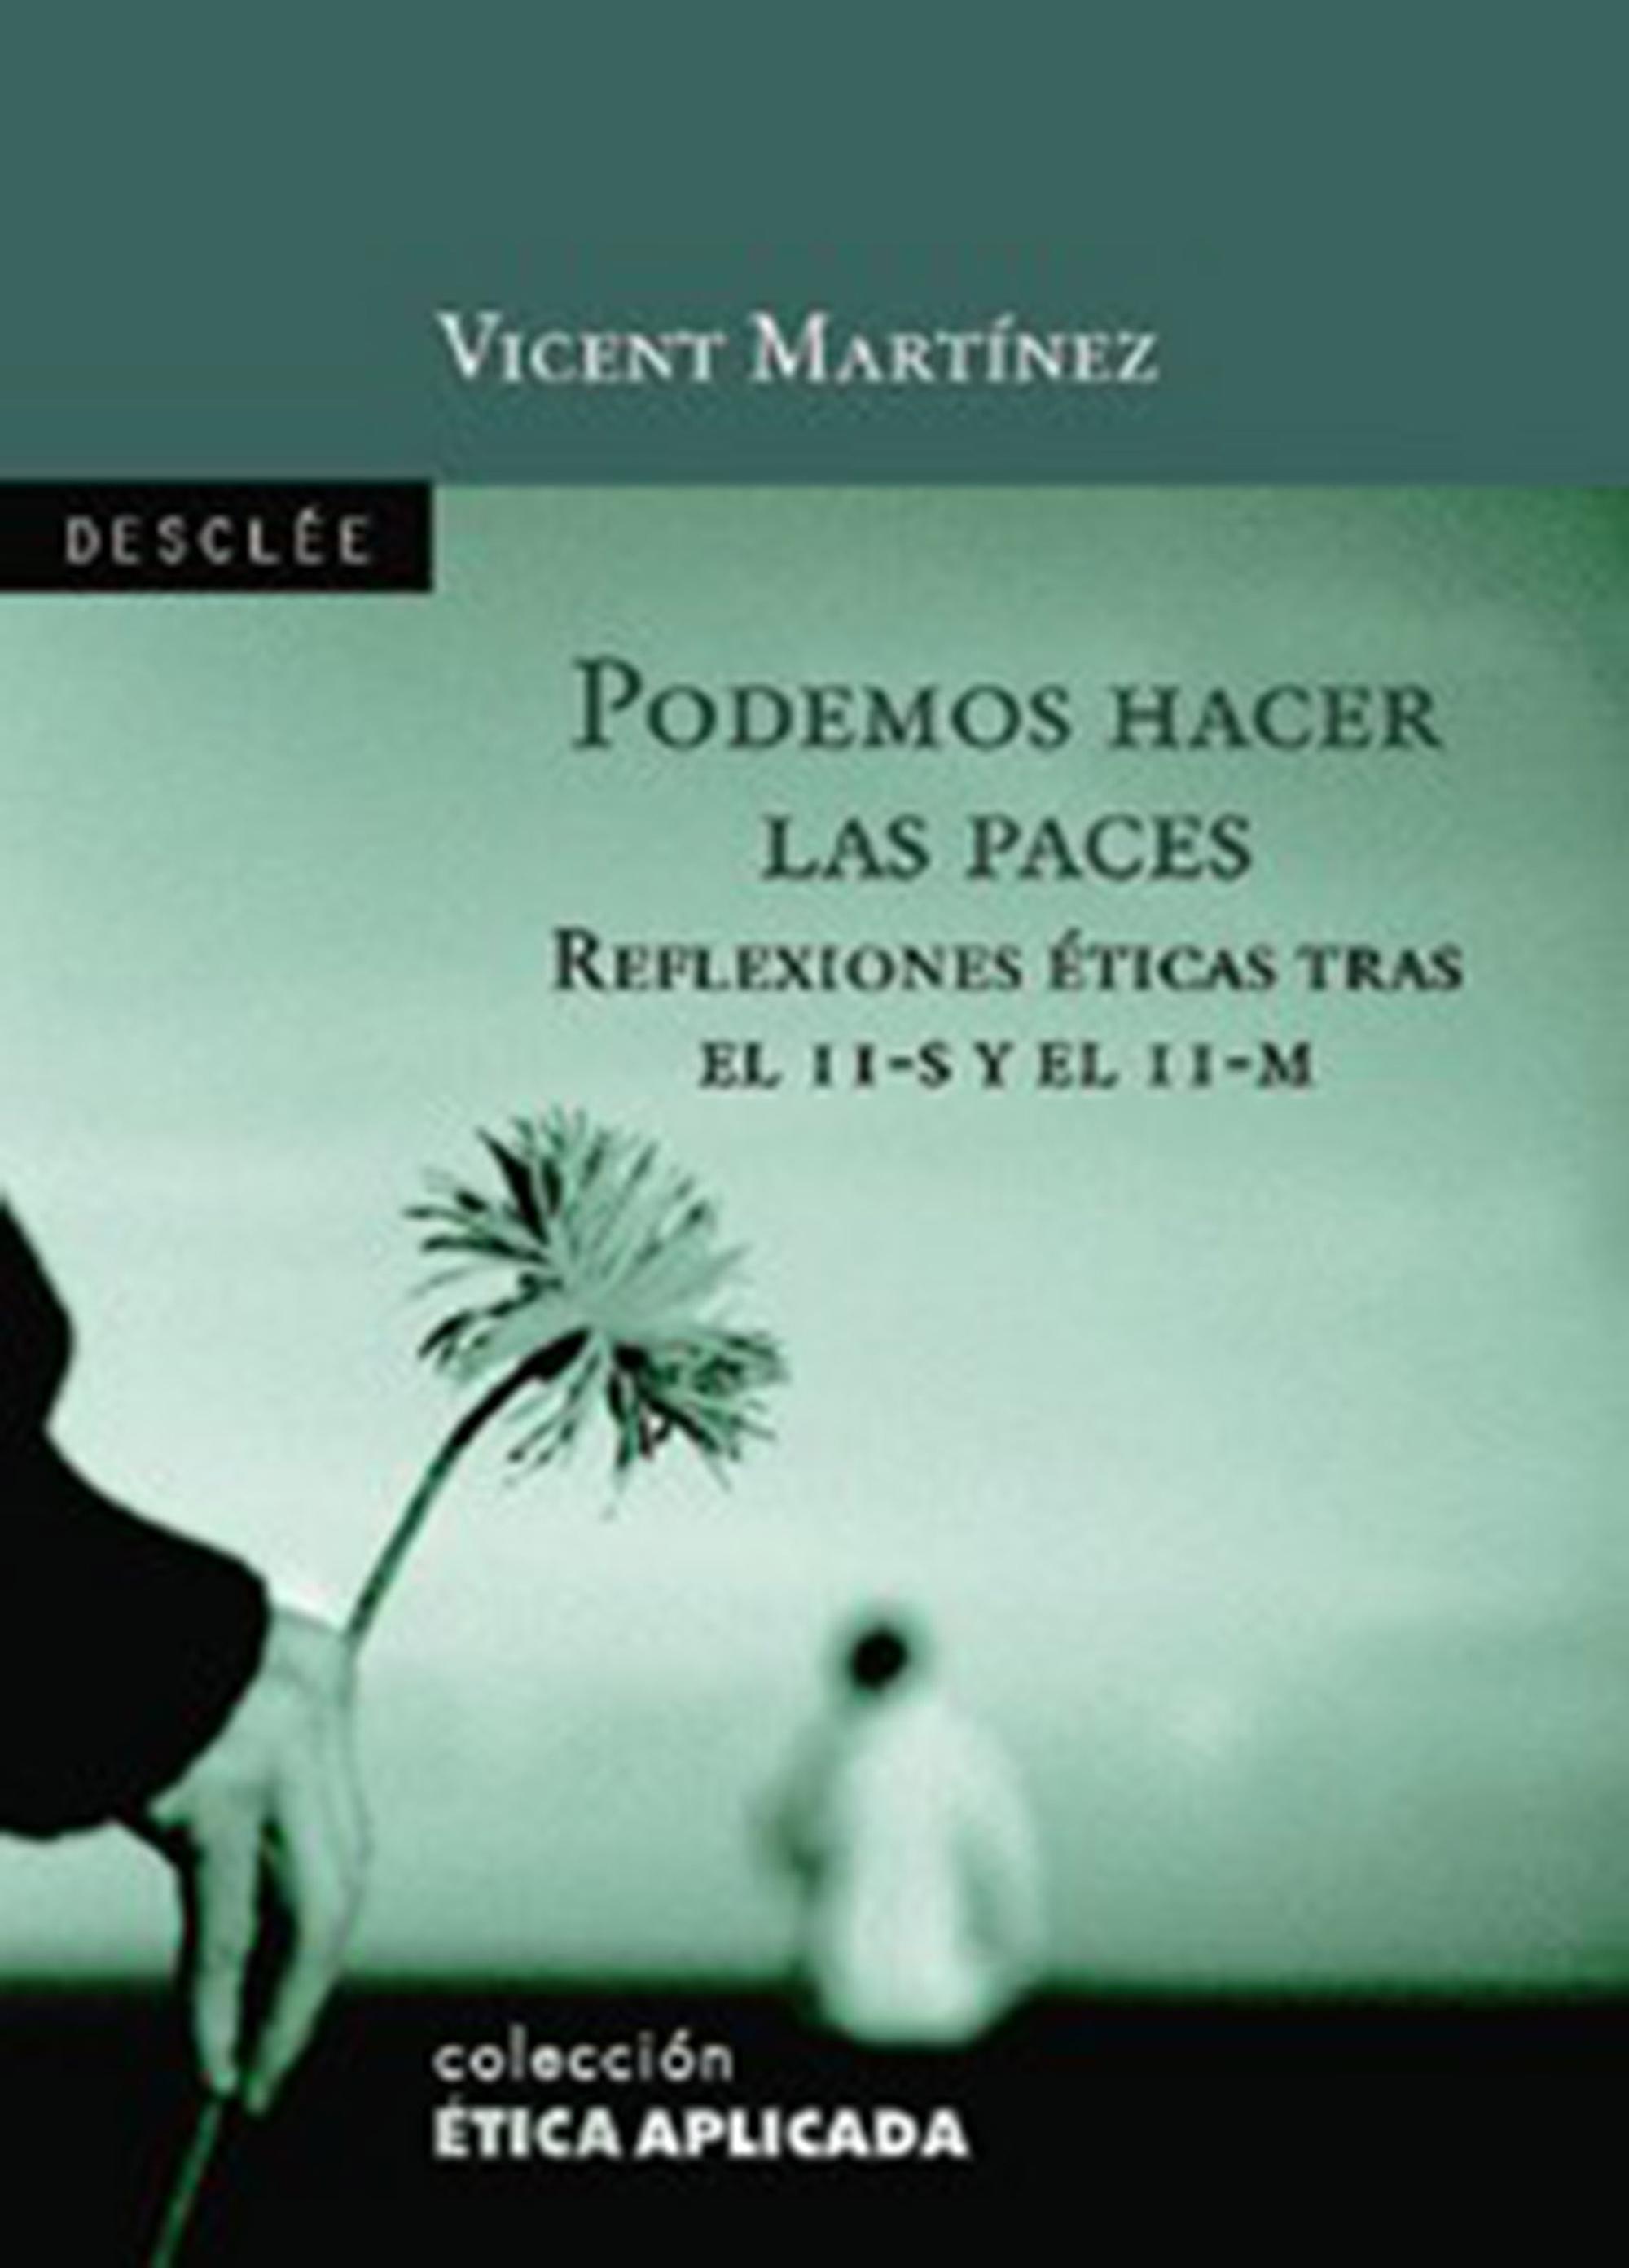 PODEMOS HACER LAS PACES : REFLEXIONES ÉTICAS TRAS EL 11-S Y EL 11-M